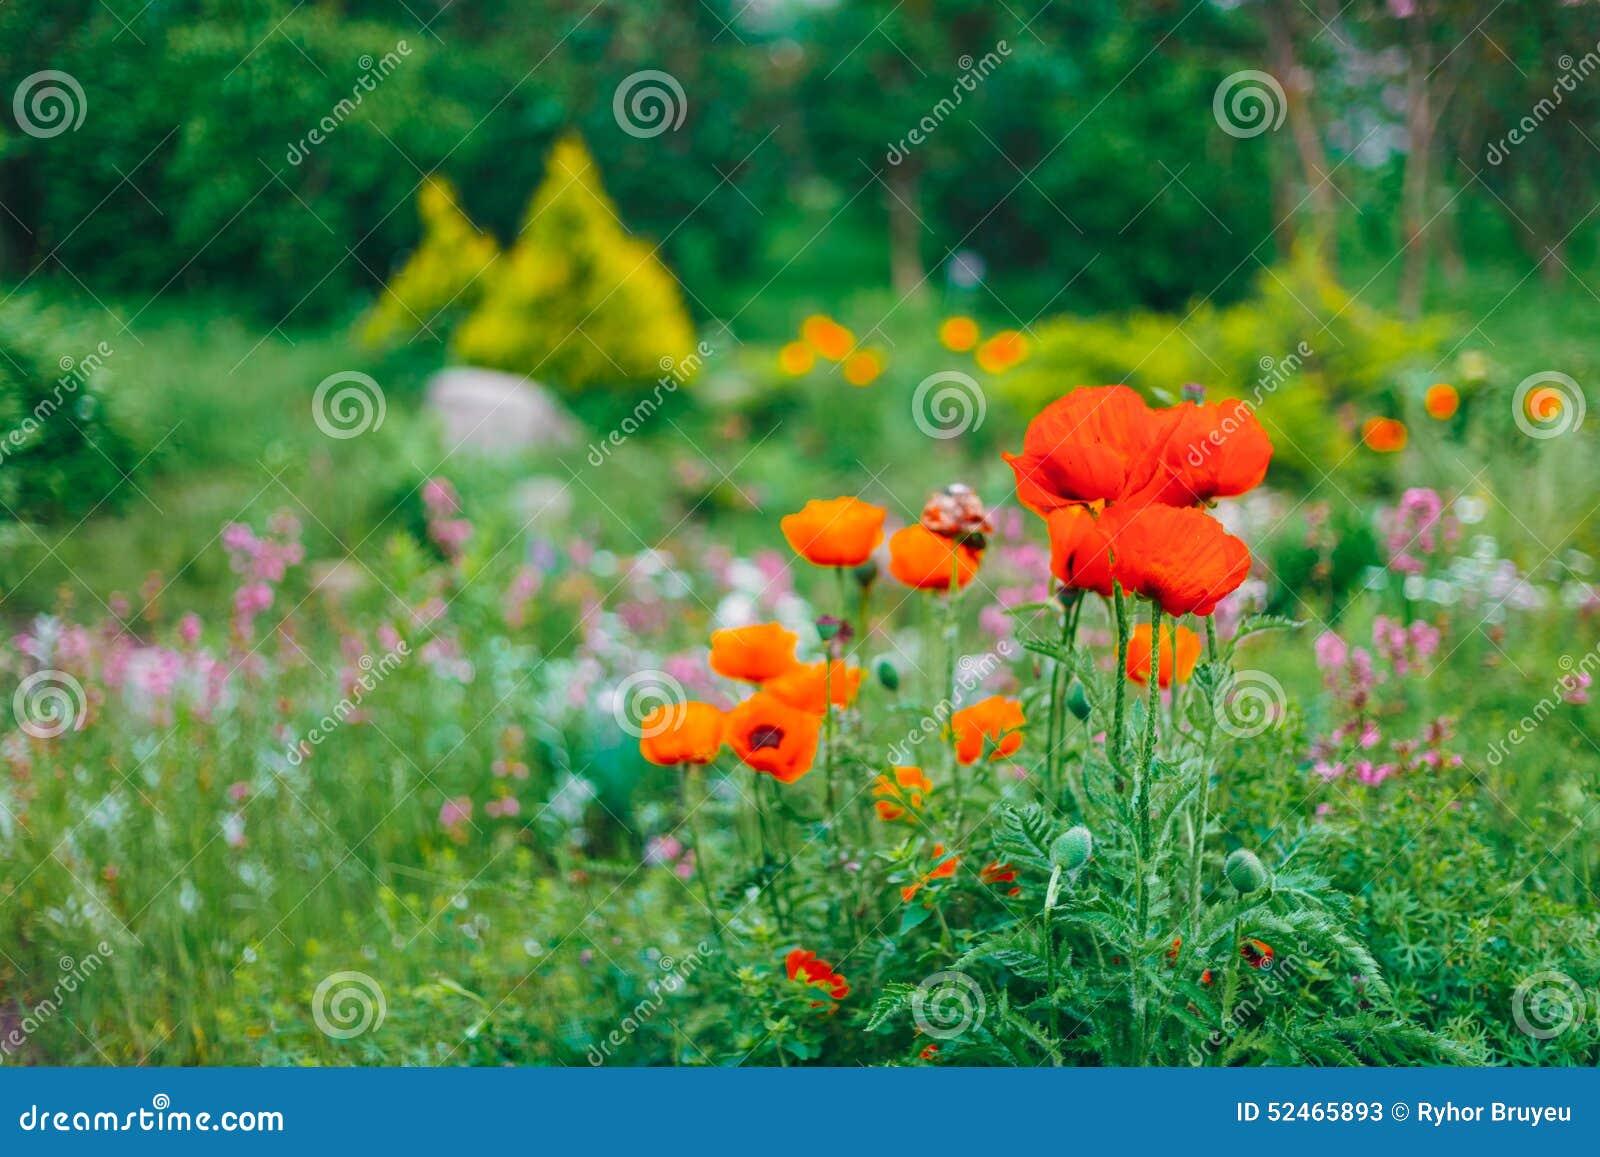 Garden Landscaping Design Flower Bed Green Trees Stock